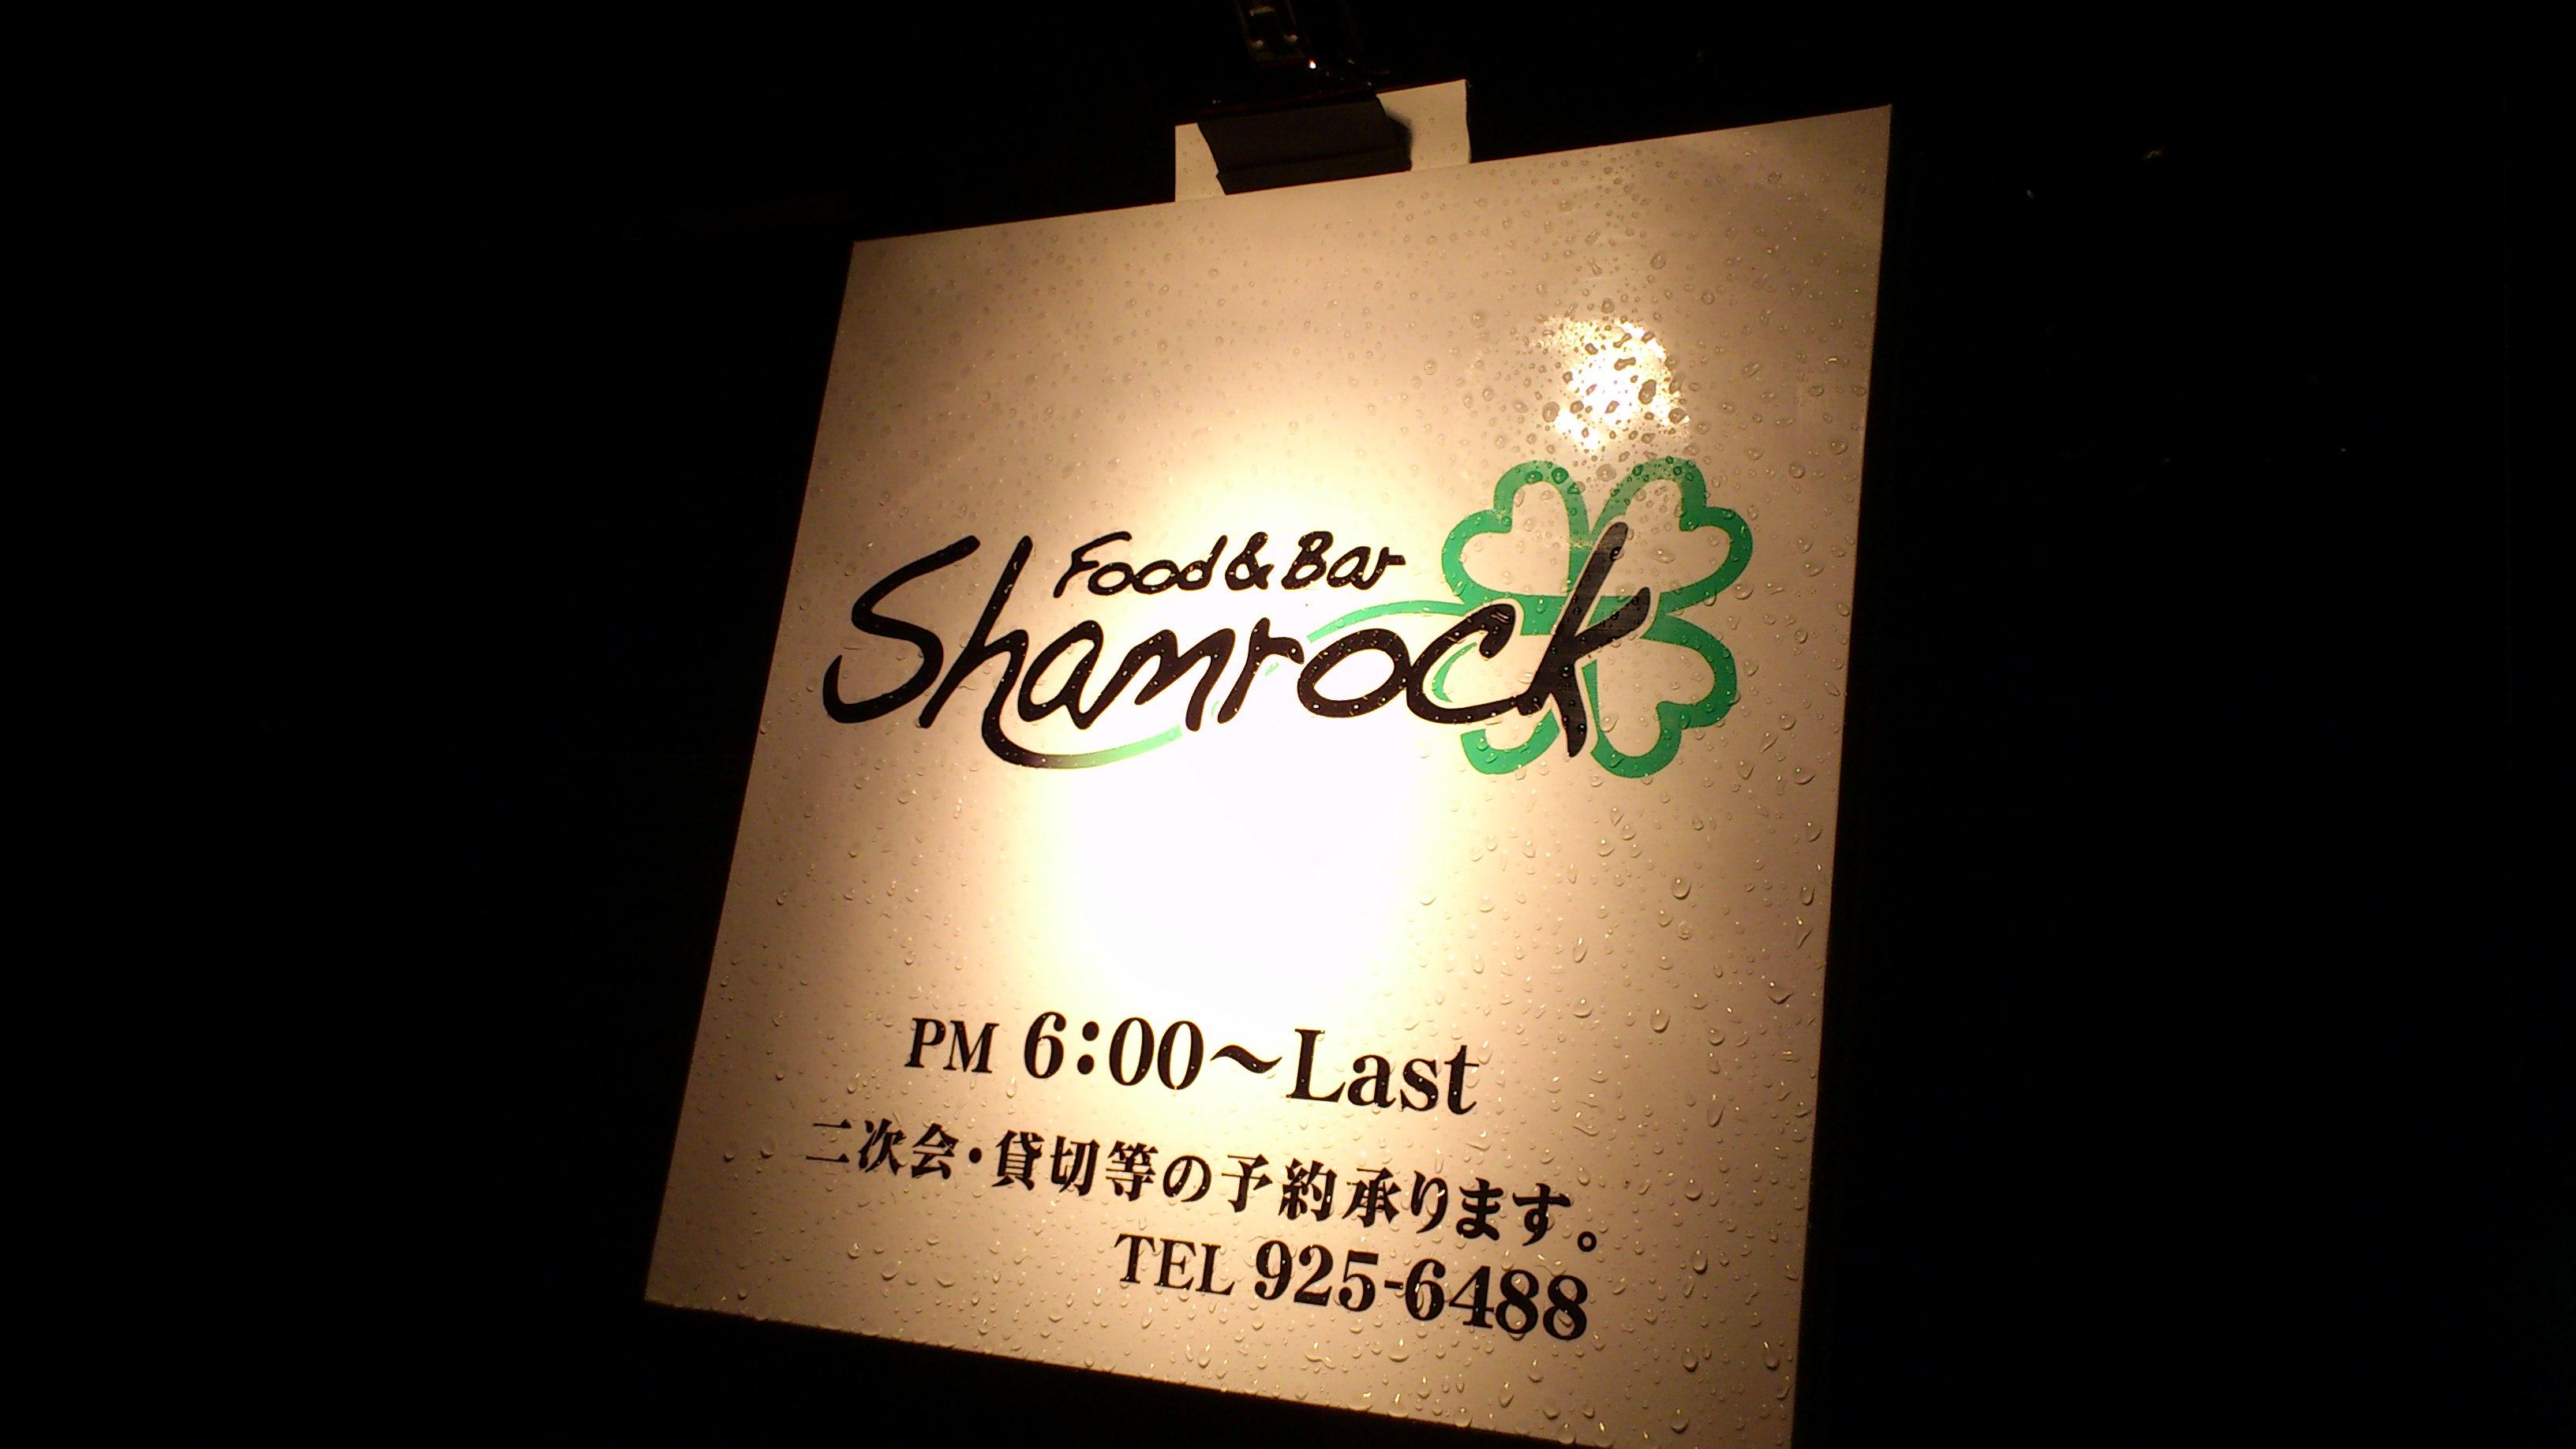 シャムロック